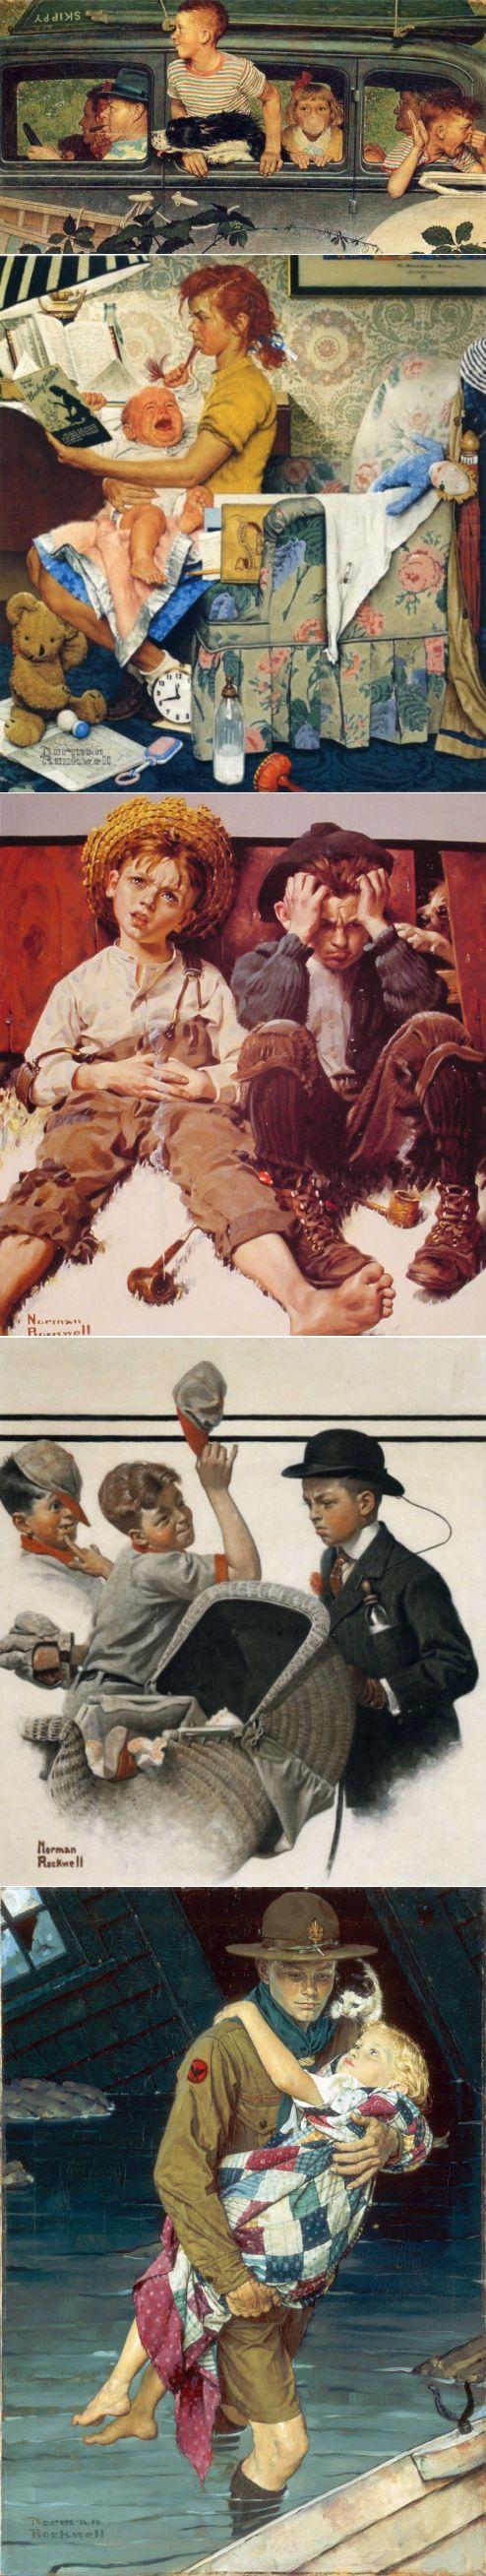 Ироничные работы Нормана Роквелла, в которых запечатлена самая настоящая жизнь